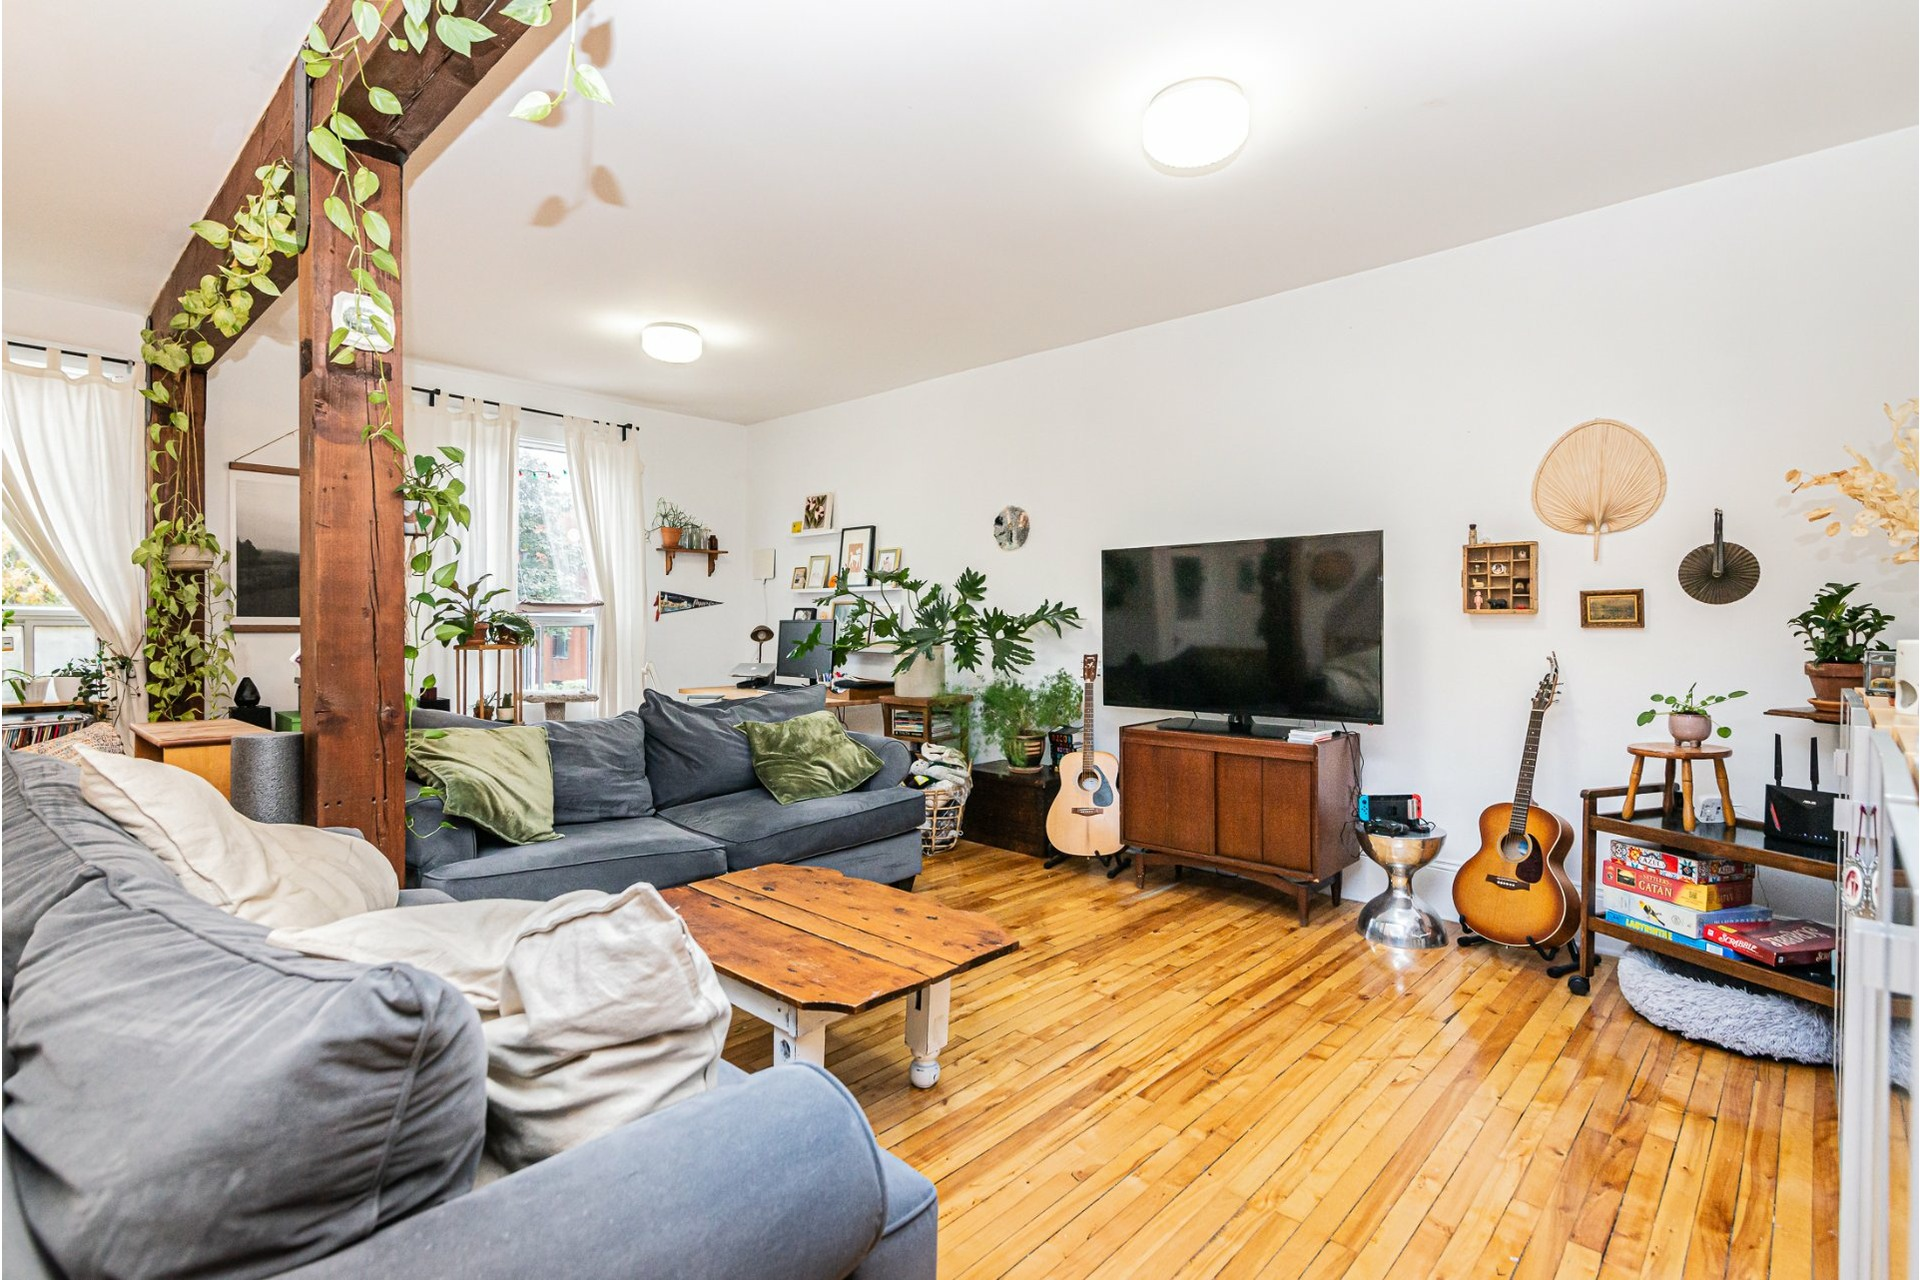 image 3 - Duplex À vendre Côte-des-Neiges/Notre-Dame-de-Grâce Montréal  - 5 pièces